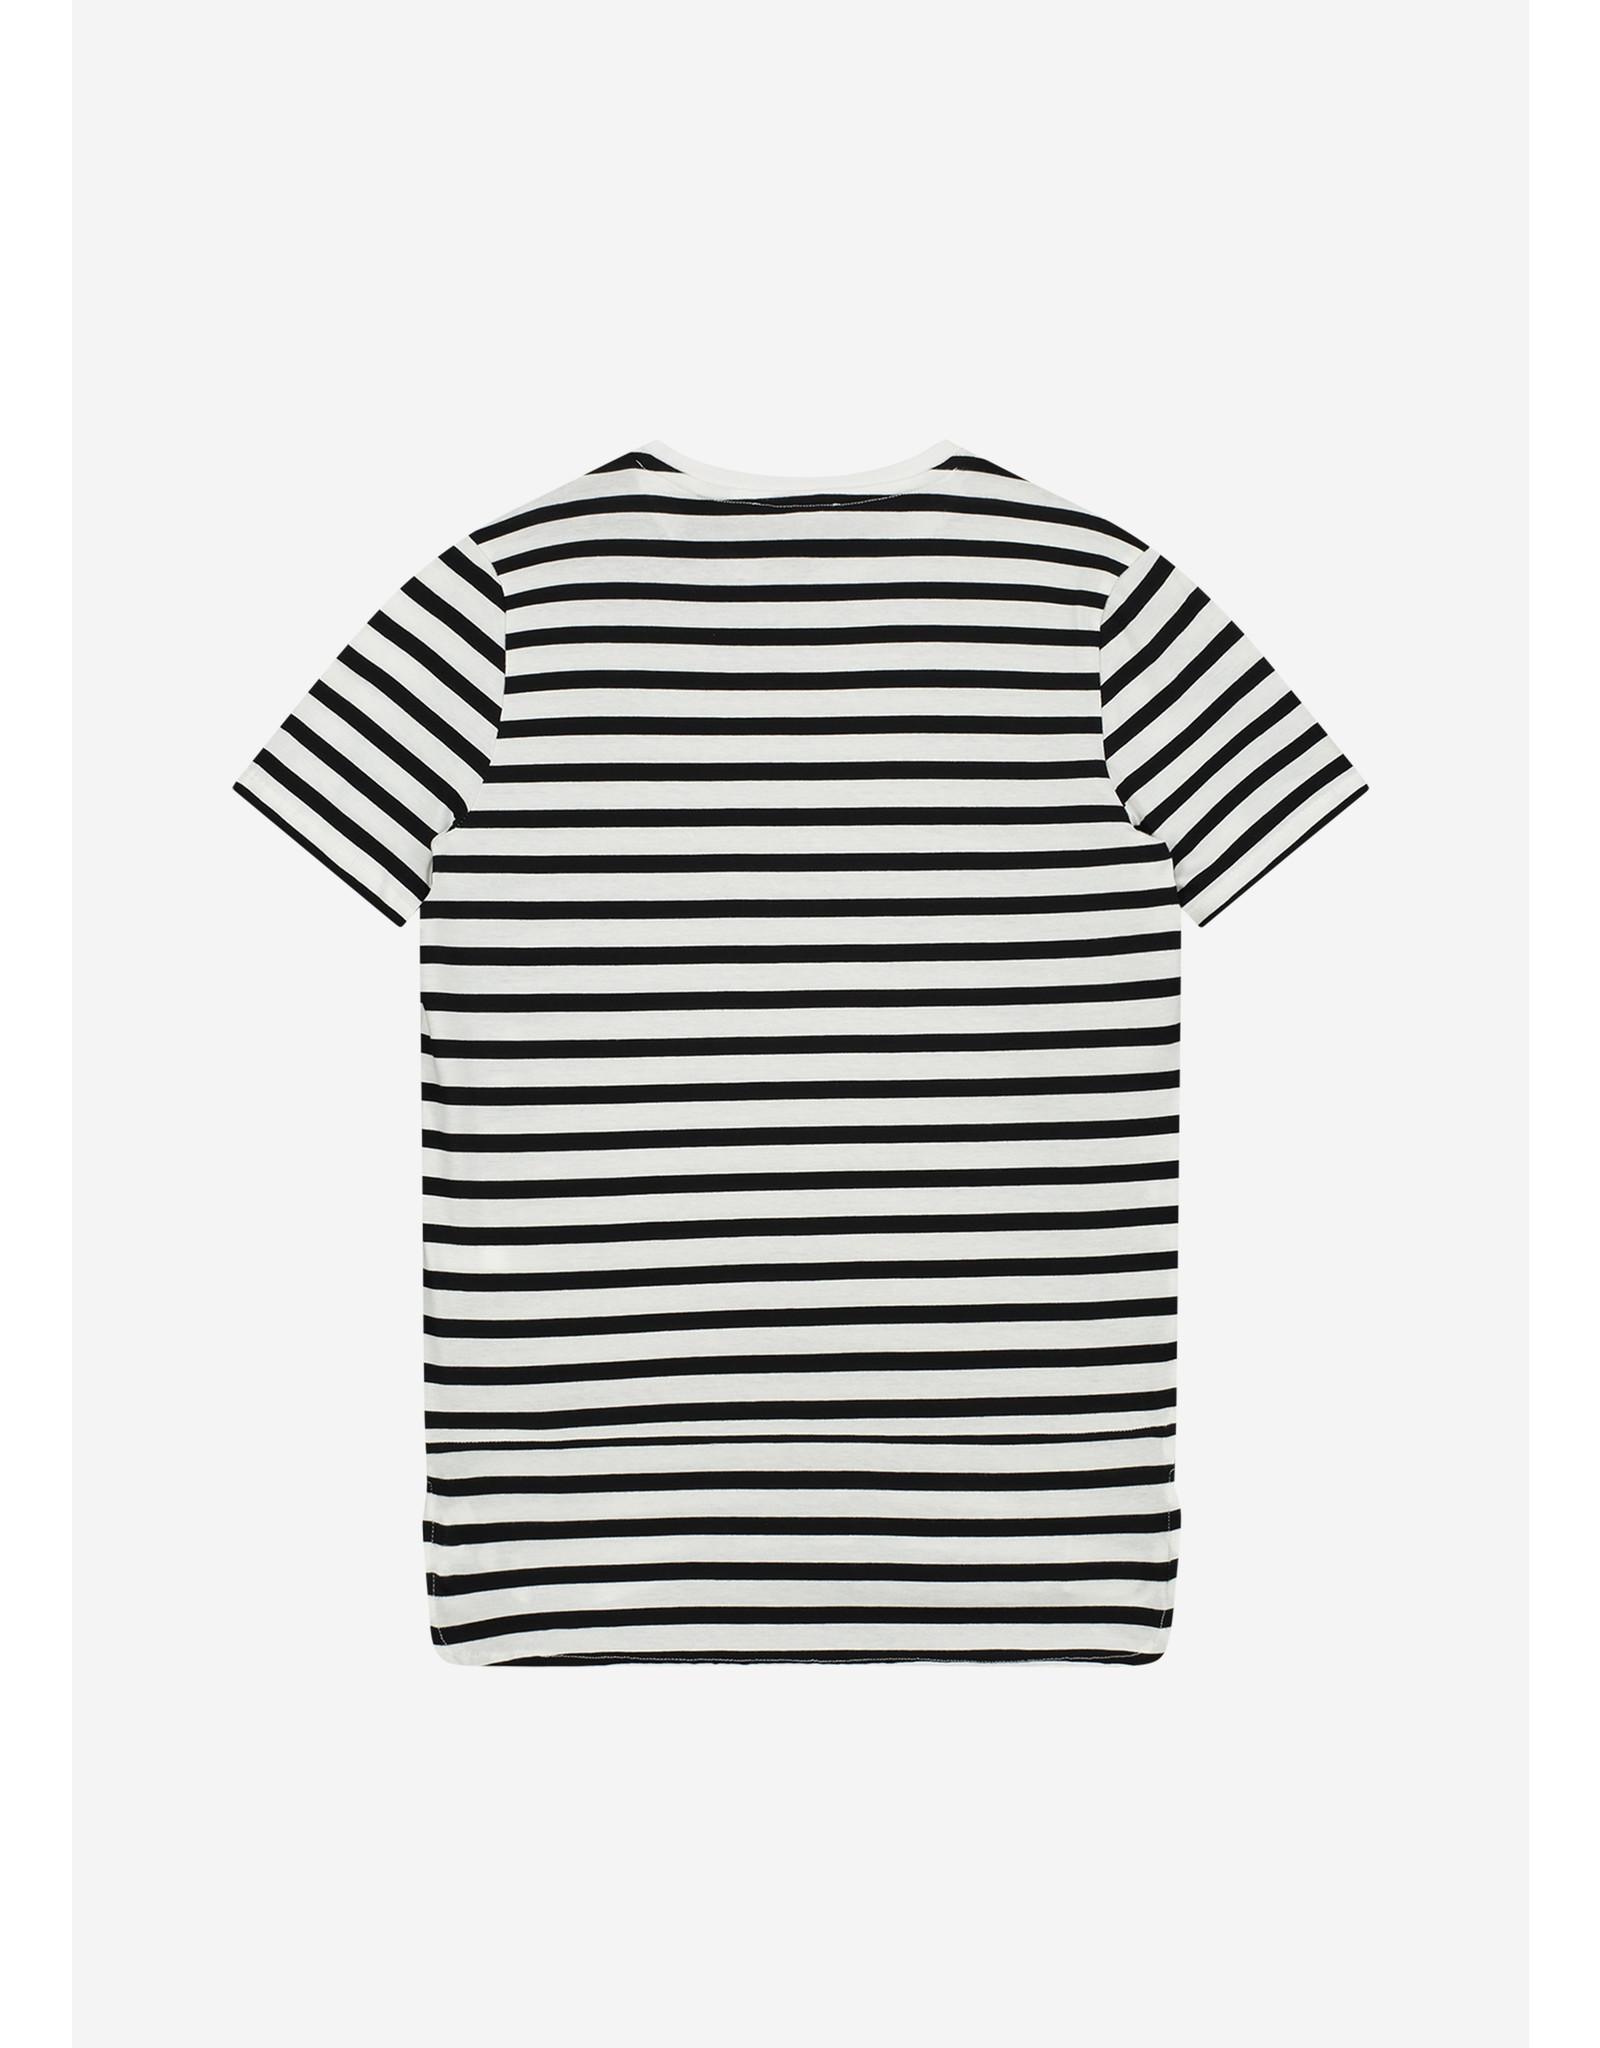 NIK & NIK Shirt Kirill maat 170/176